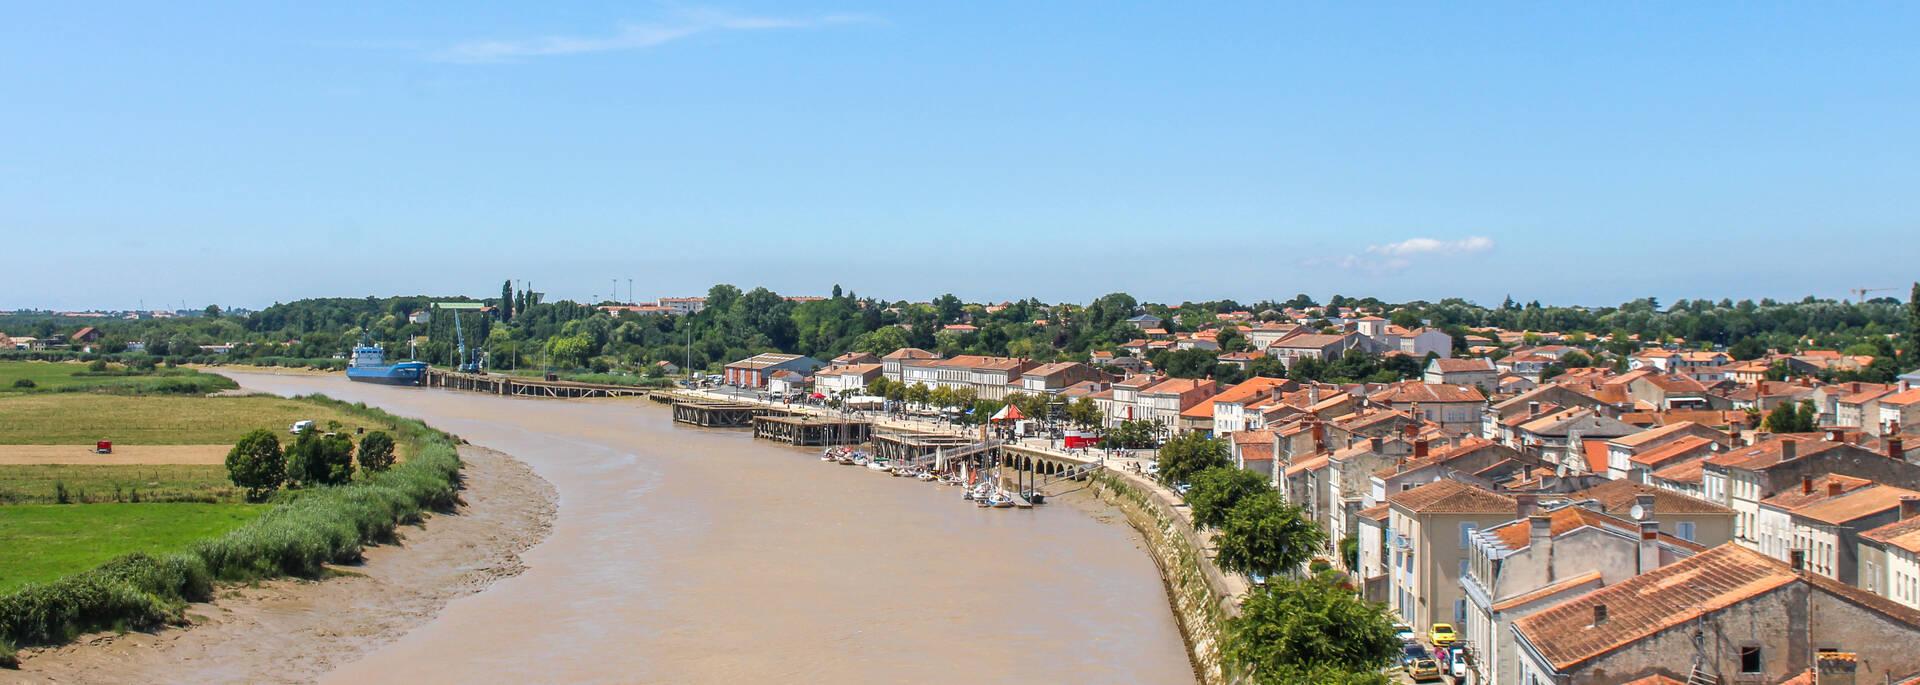 Les quais de Tonnay-Charente - © Office de tourisme Rochefort Océan